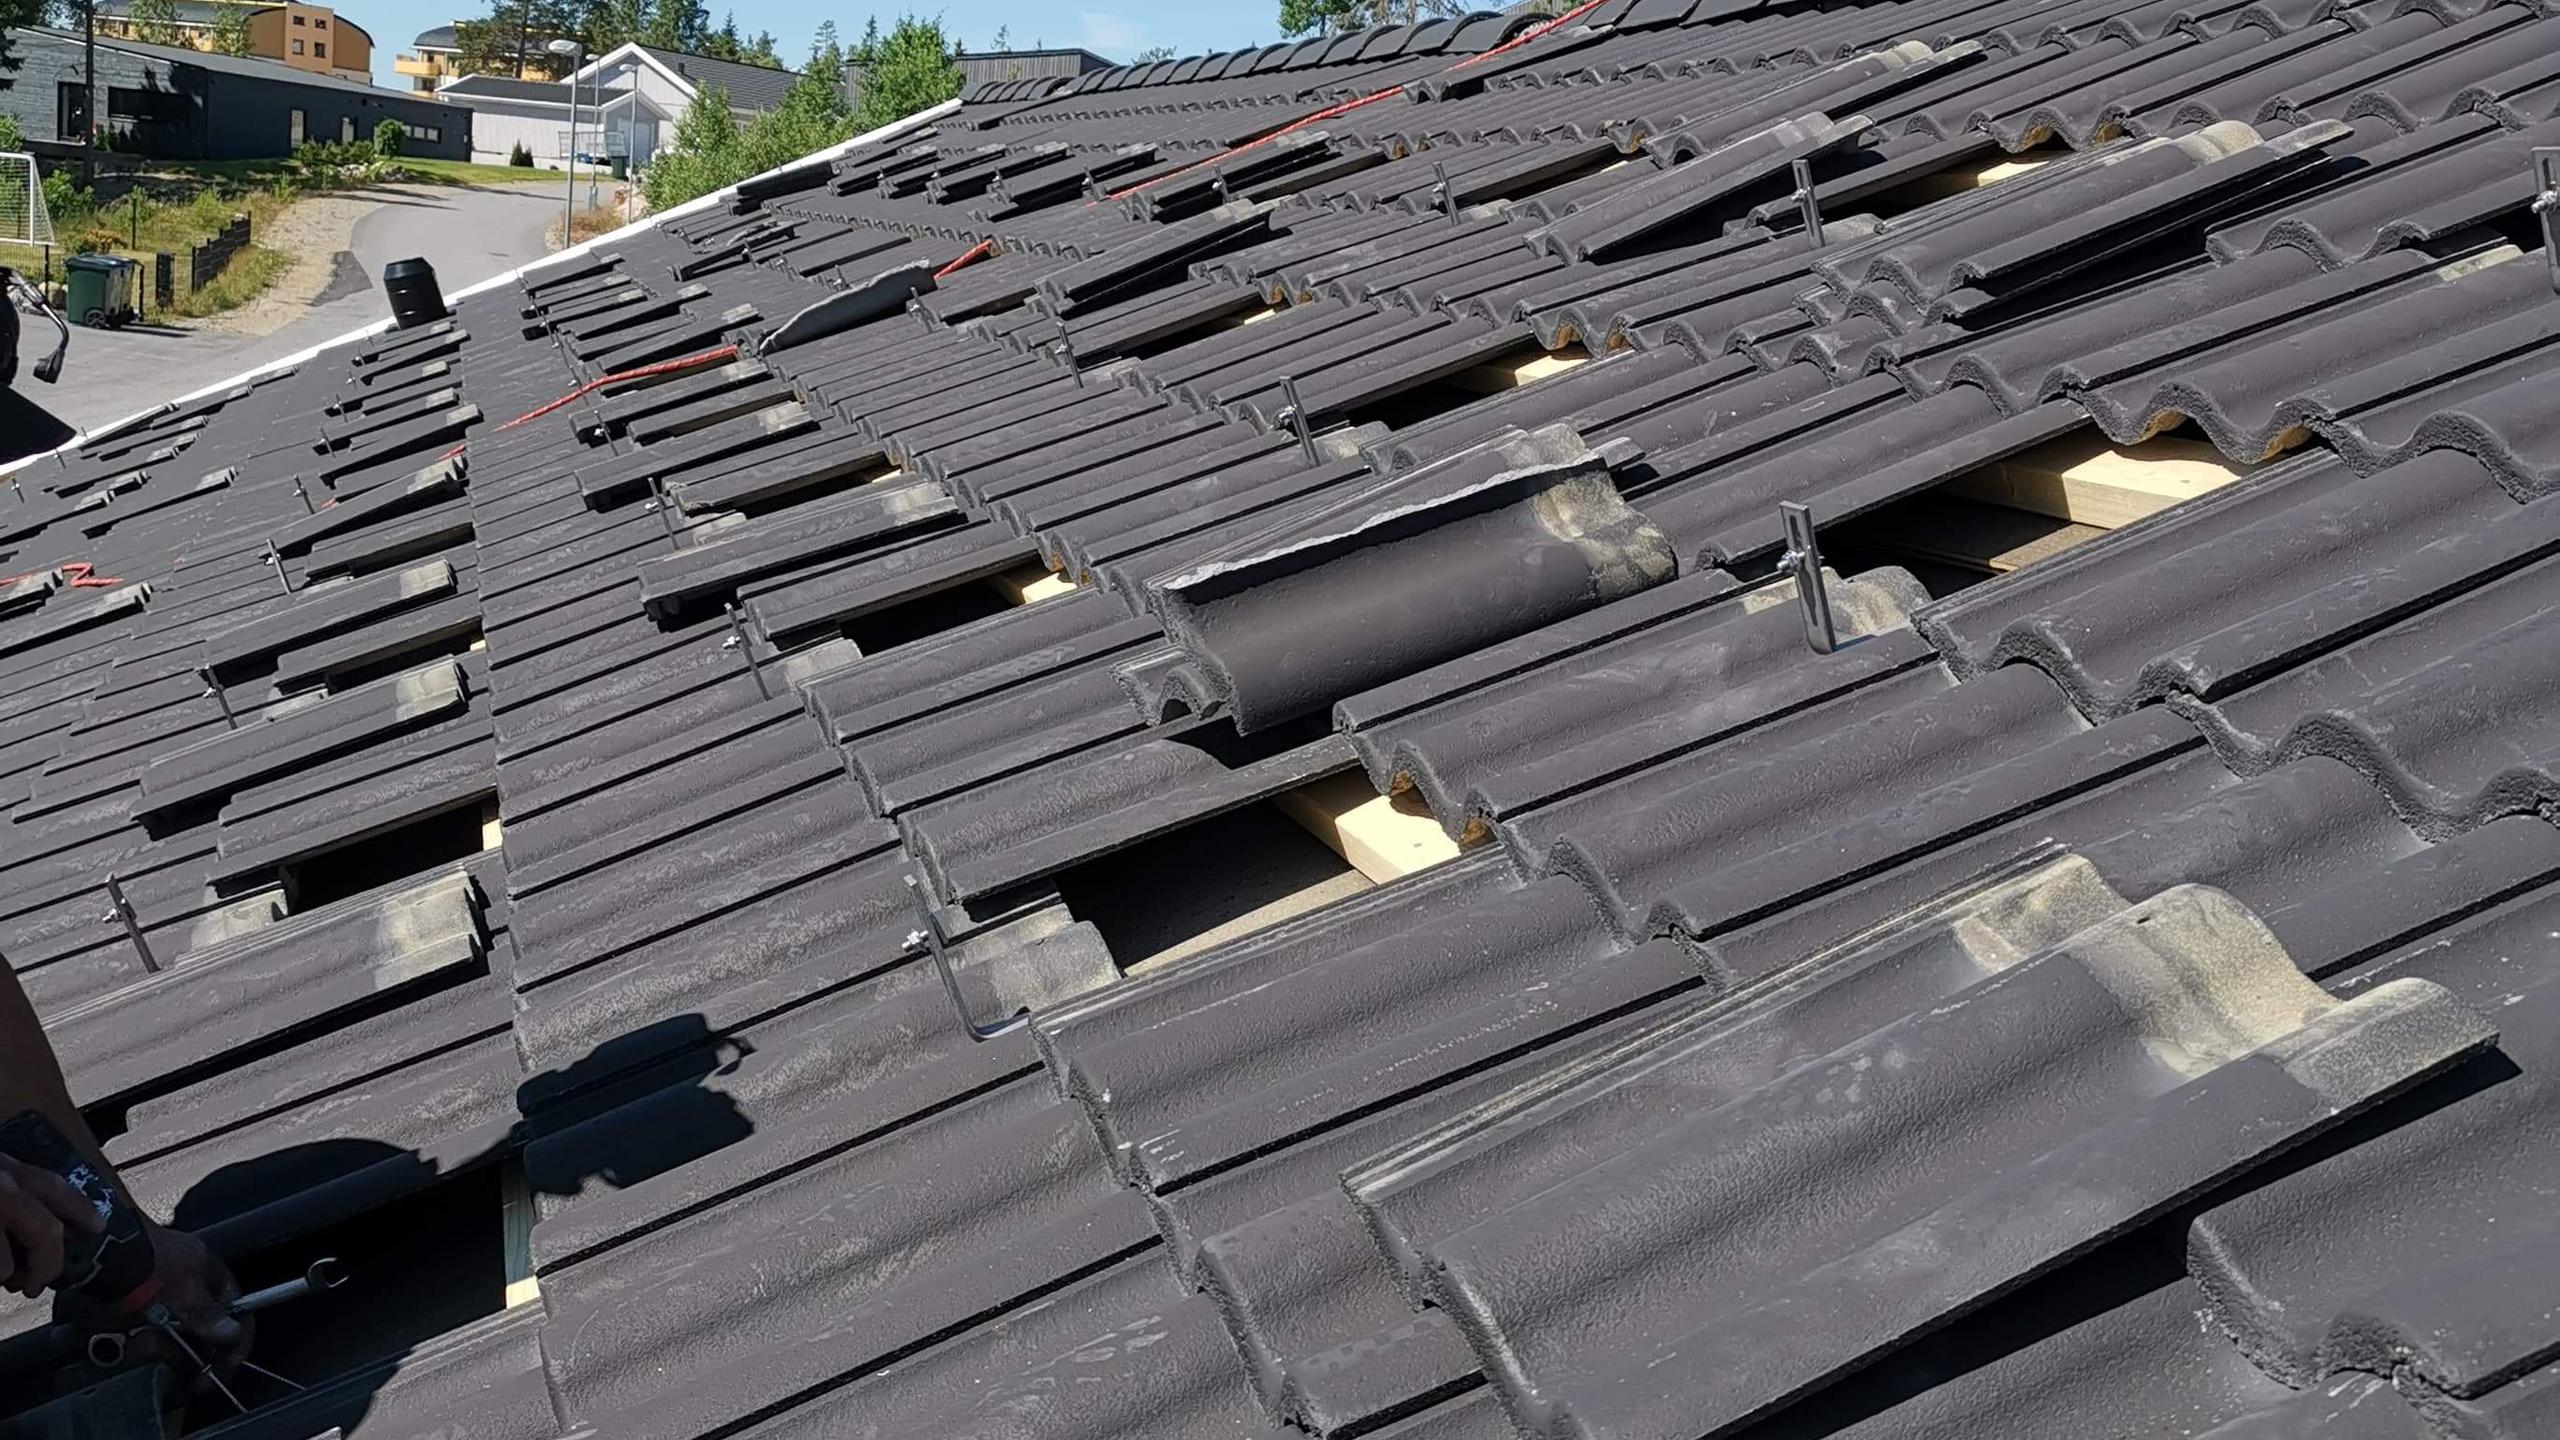 Montering av takkrokar som vi fäster i takstolarna under takpannorna